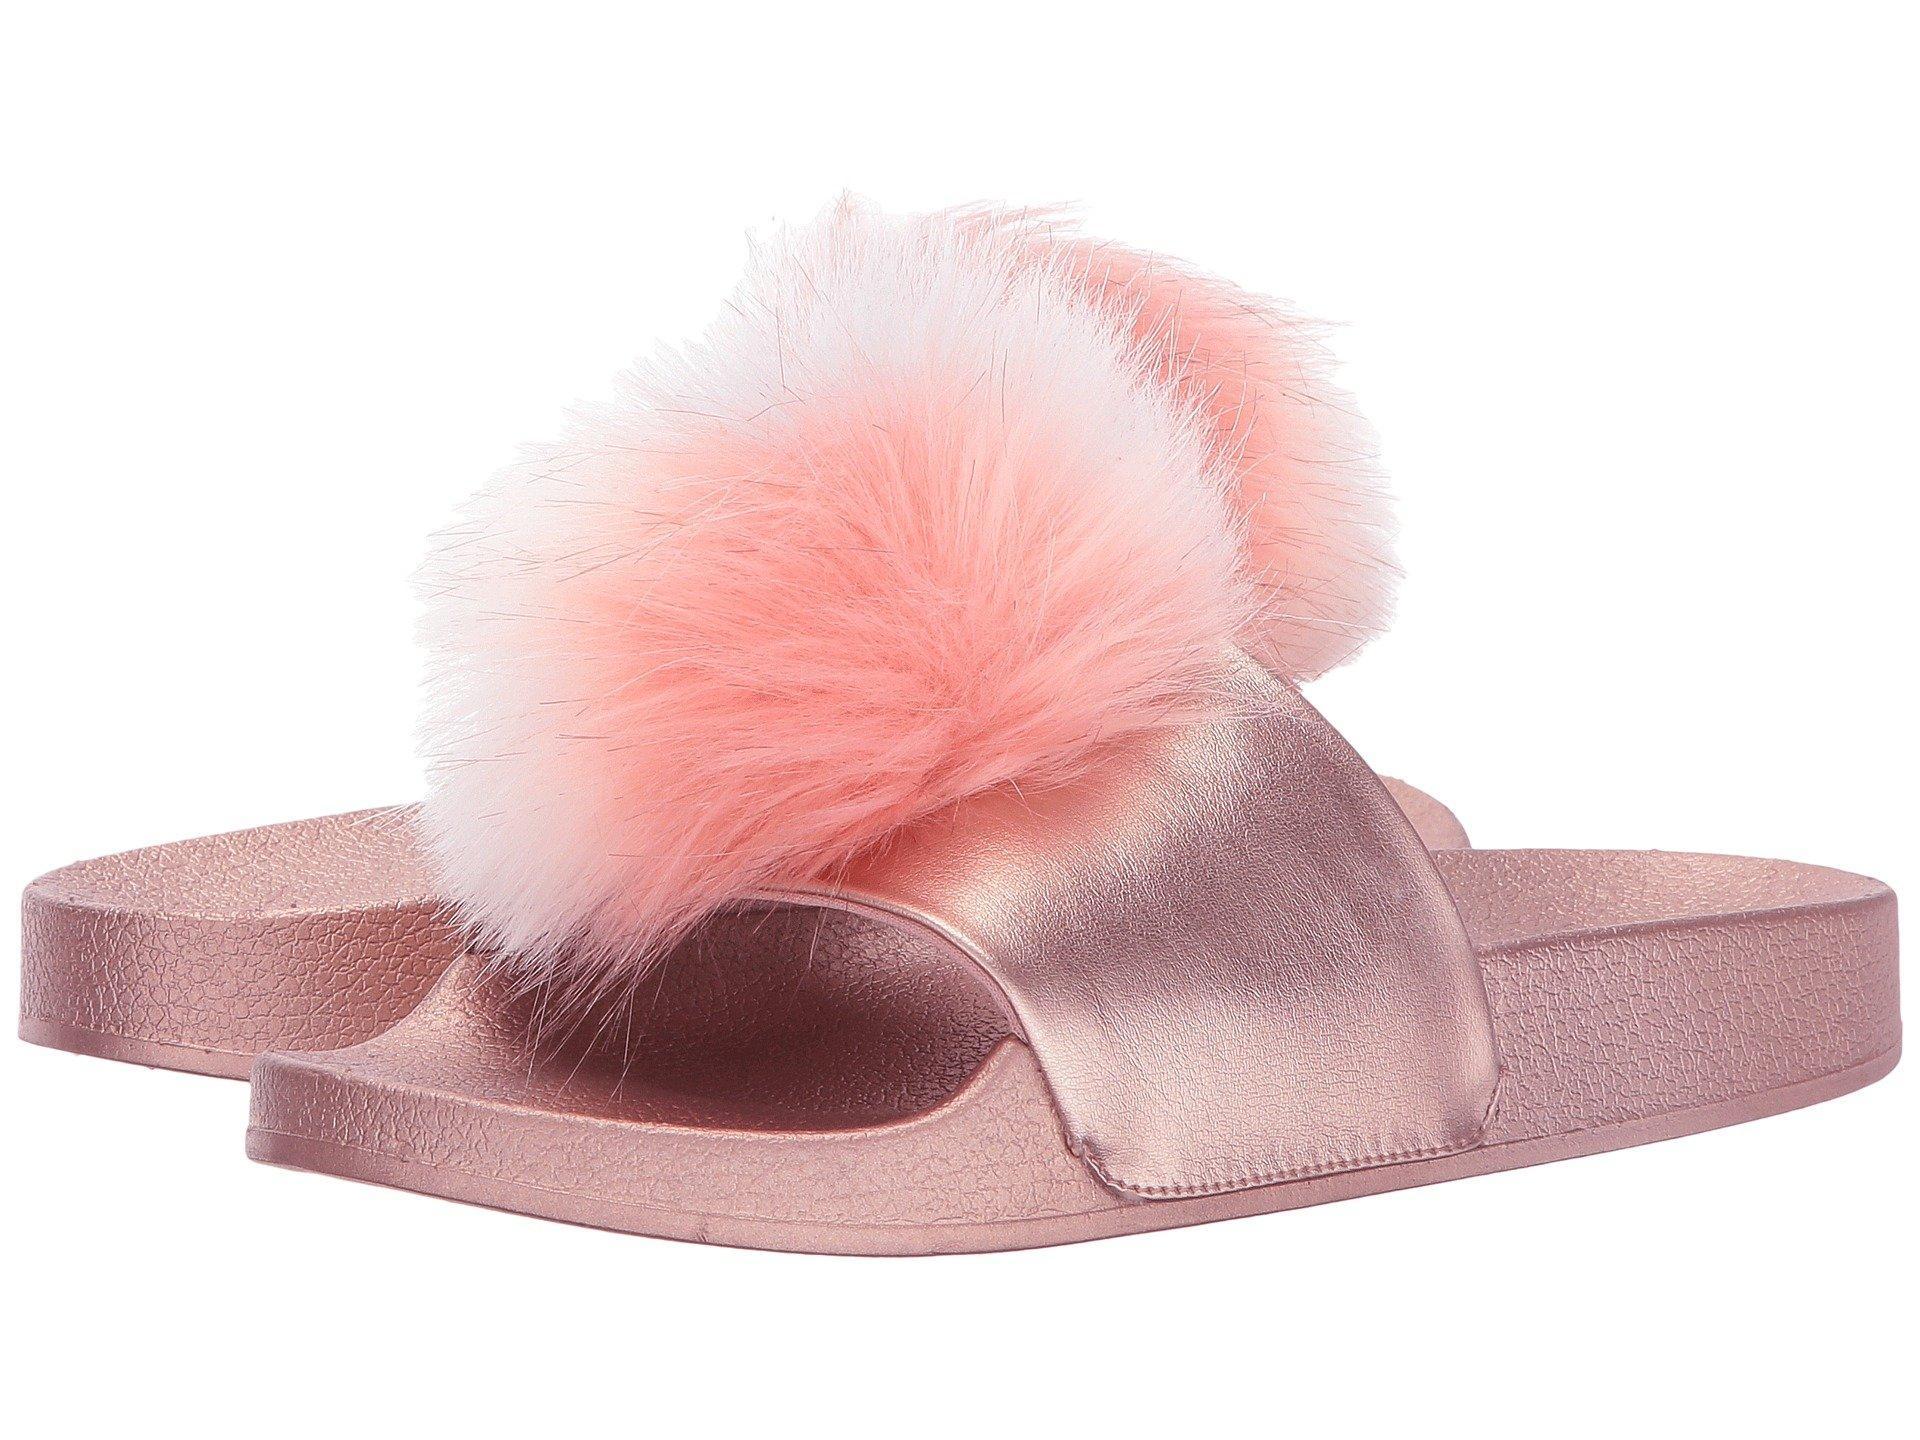 ad40f49e685 Steve Madden Spiral Faux Fur Slide Sandal In Black Multi